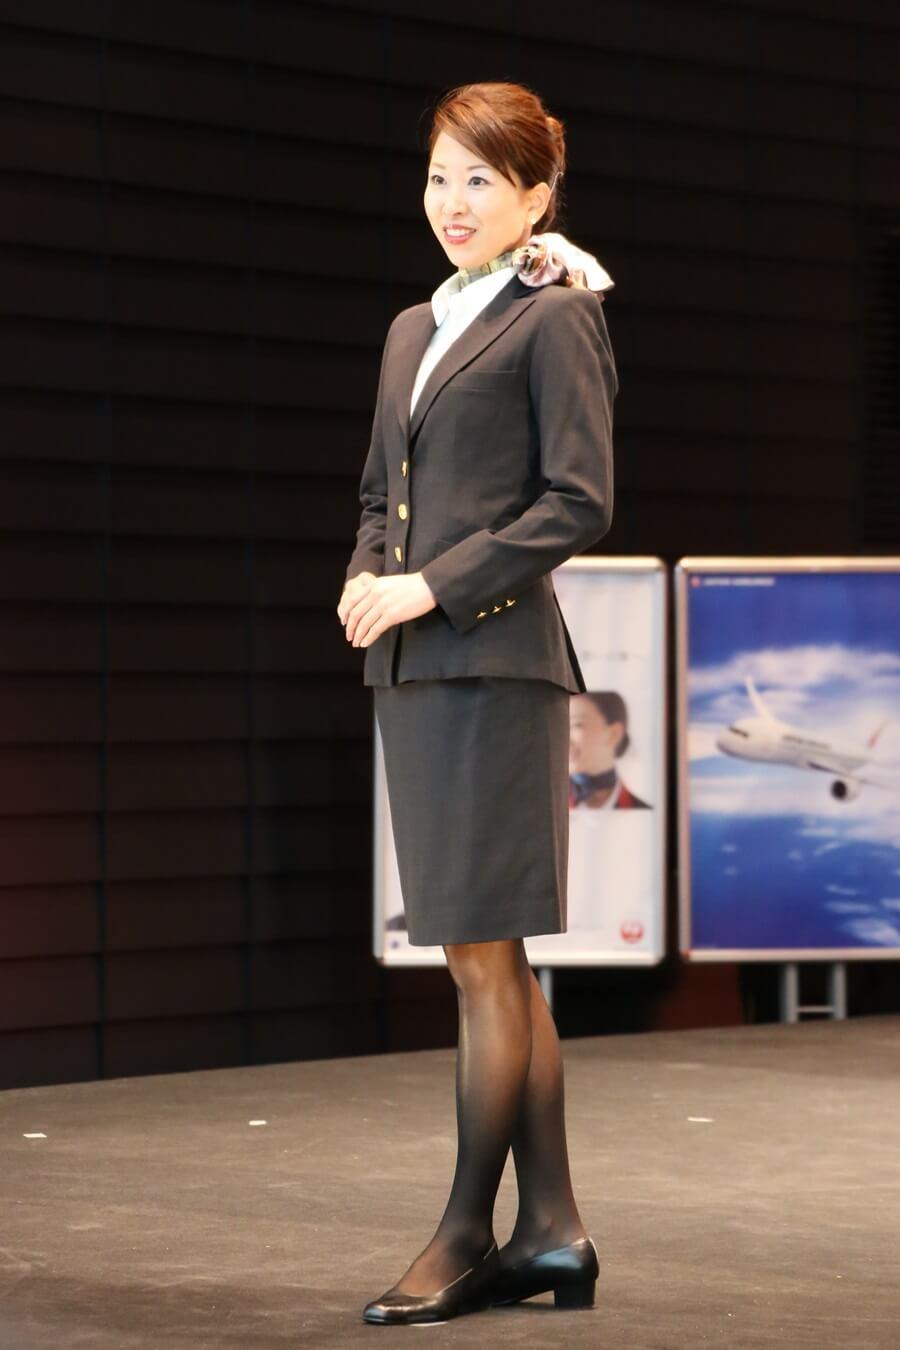 日本航空9代目制服 JALとJEX客室乗務員歴代制服ファッションショー 客室乗務員 スチワーデス 歴代ユニフォーム 制服 空の日フェスティバル JAL fashion show (2)